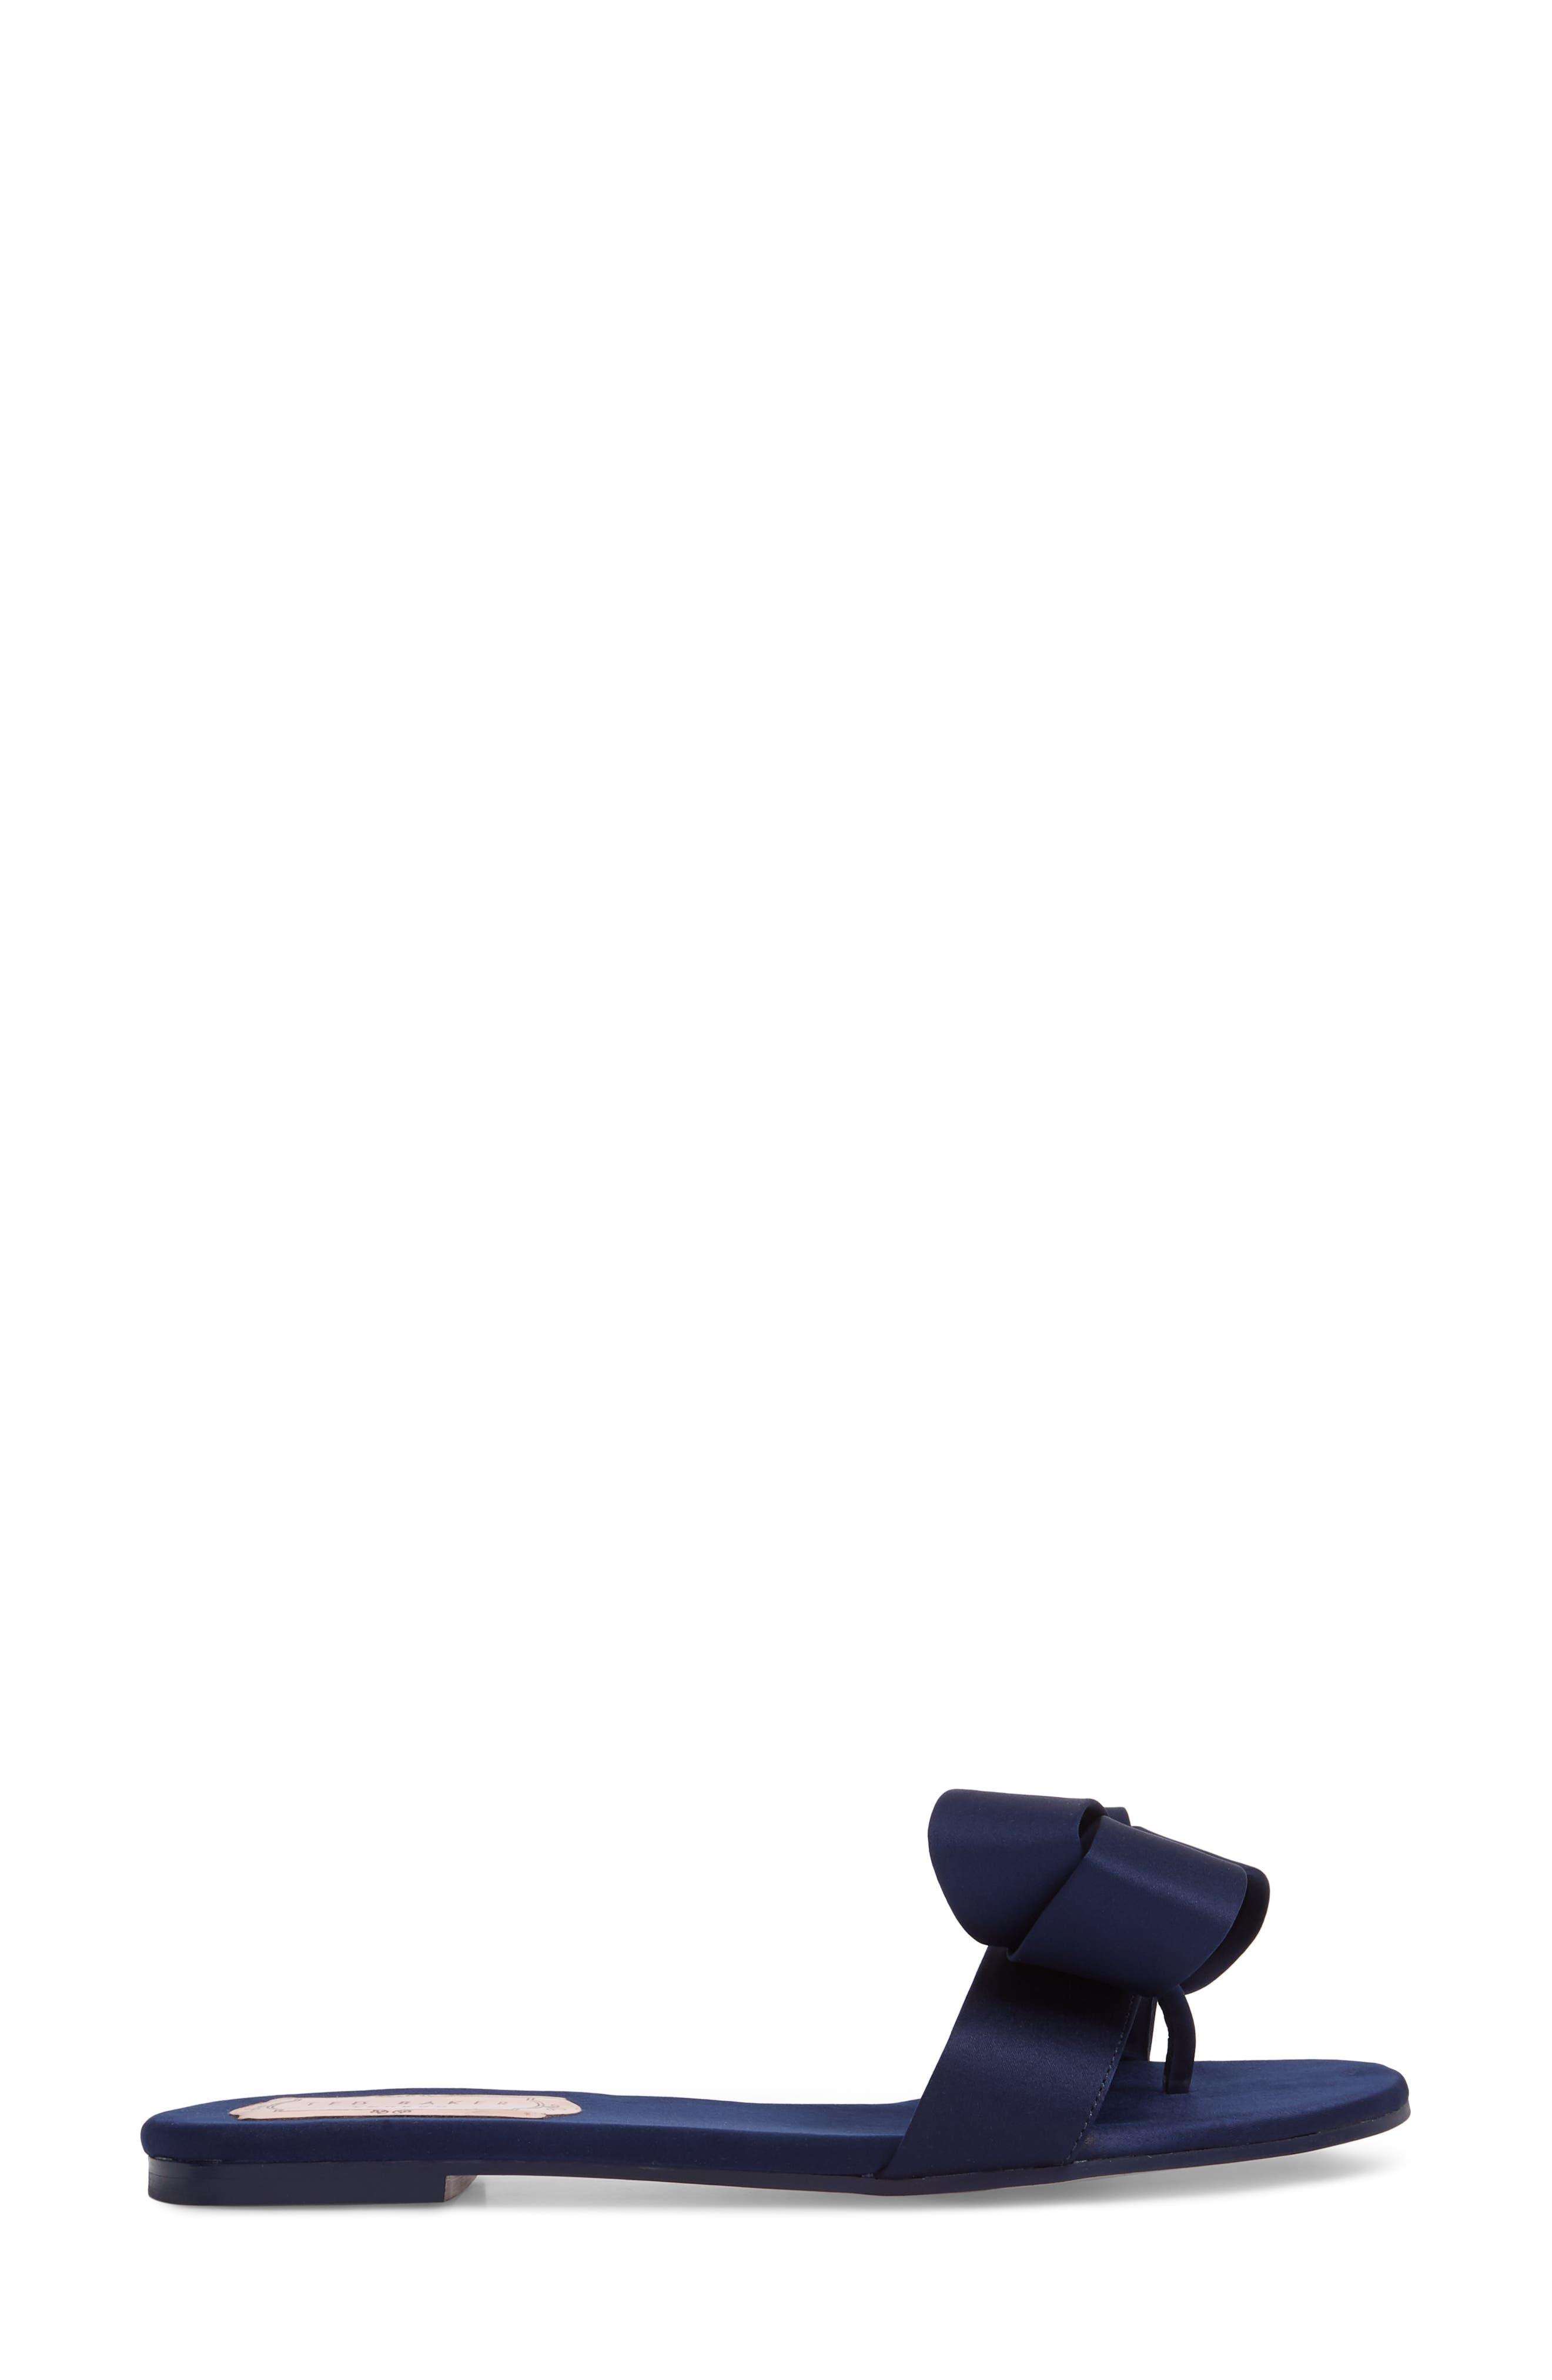 Slide Sandal,                             Alternate thumbnail 3, color,                             417